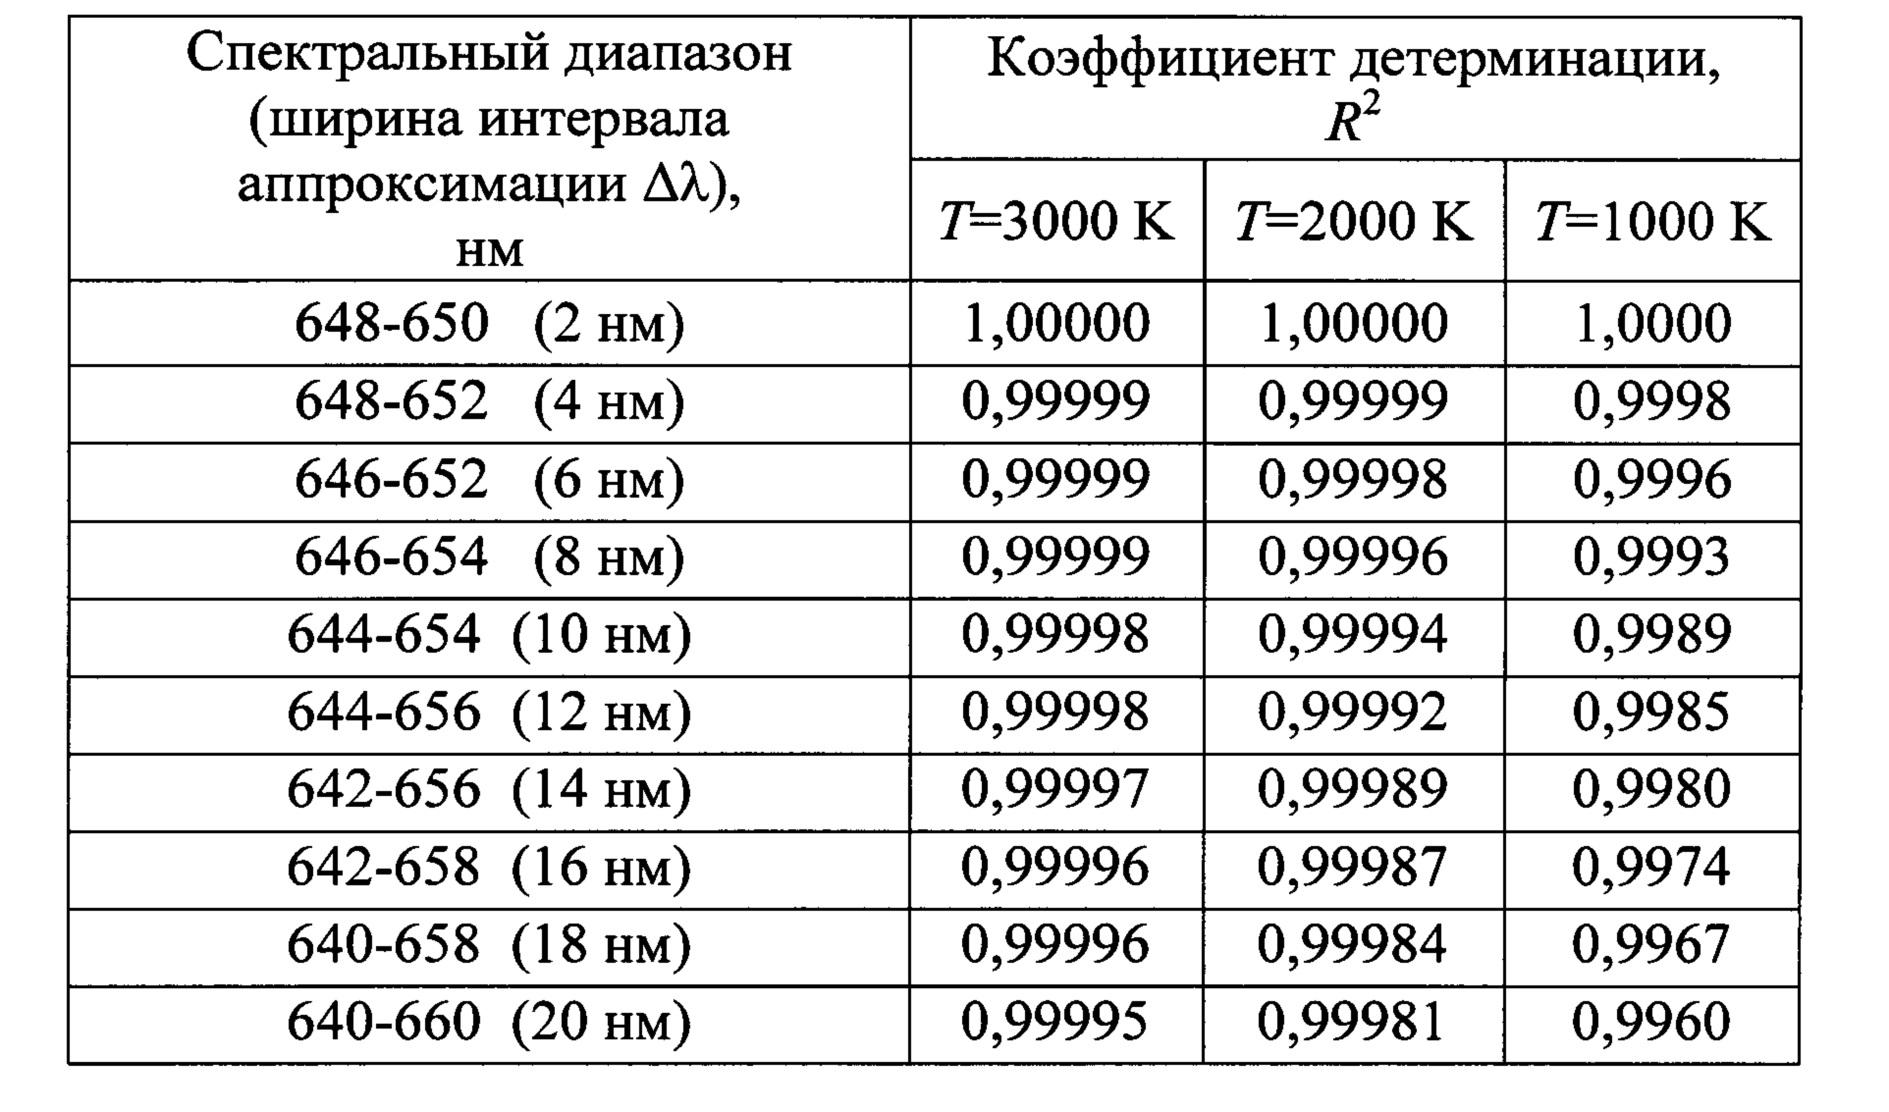 инфракрасные фотодиоды справочник третьеразрядных грузинских